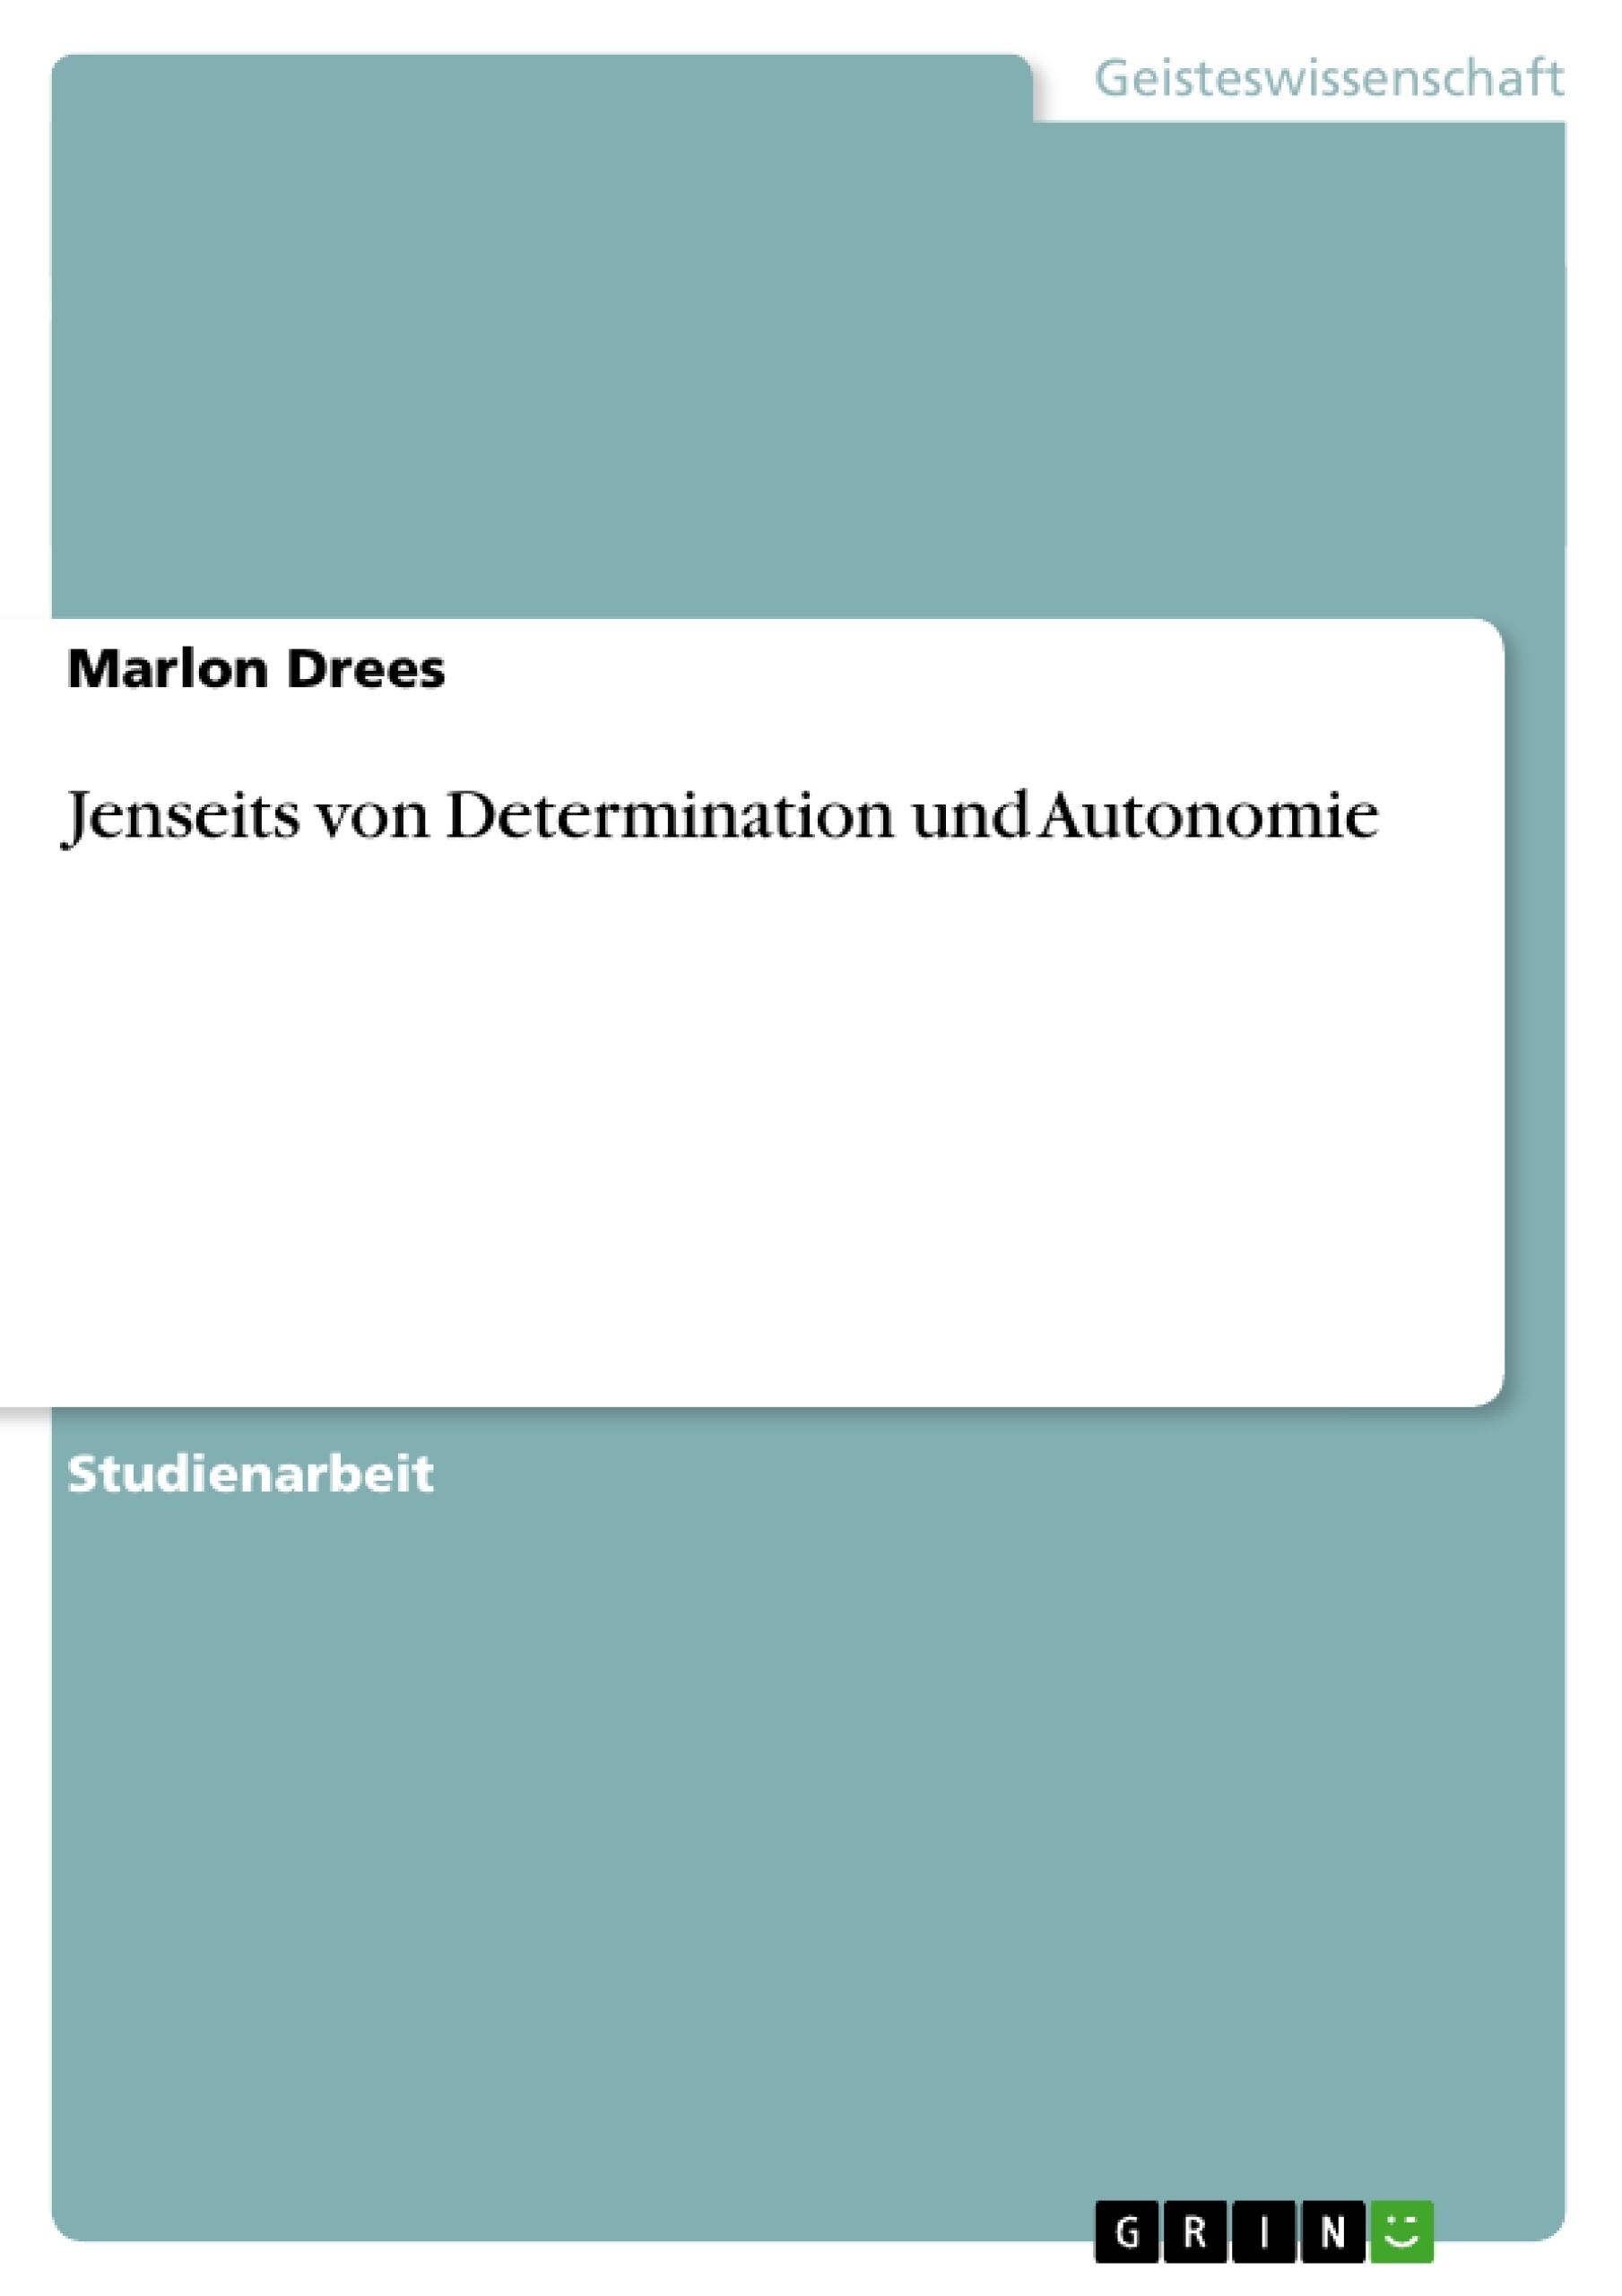 Titel: Jenseits von Determination und Autonomie